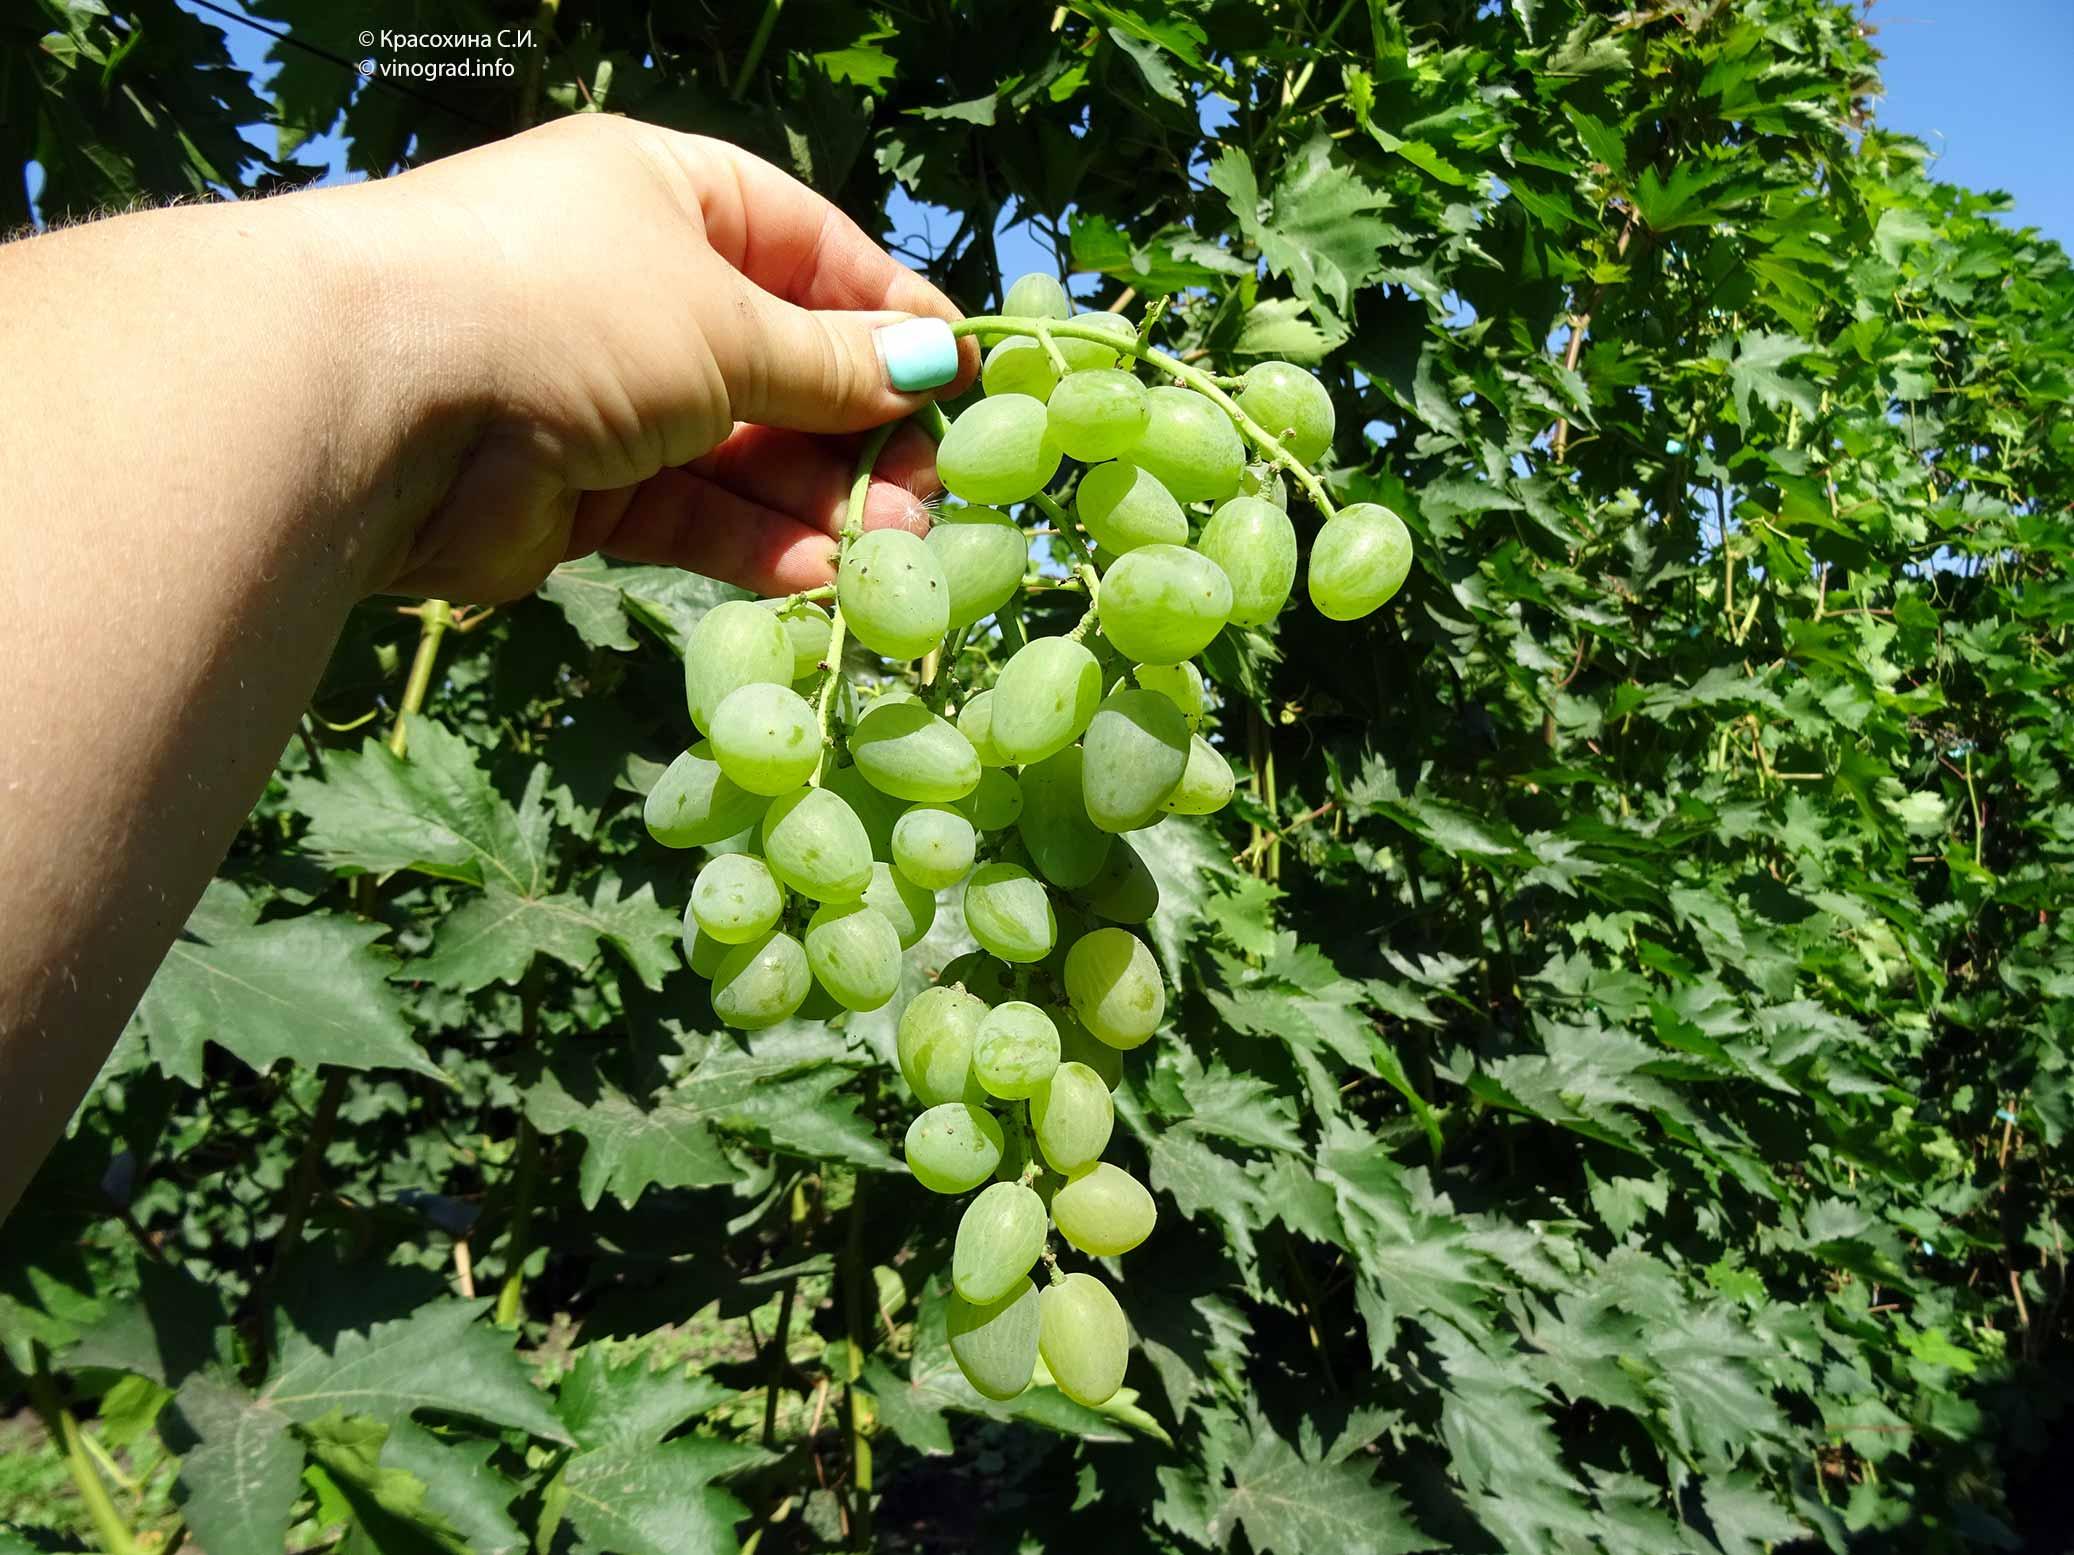 Описание и характеристики сорта винограда элегант, история и тонкости выращивания